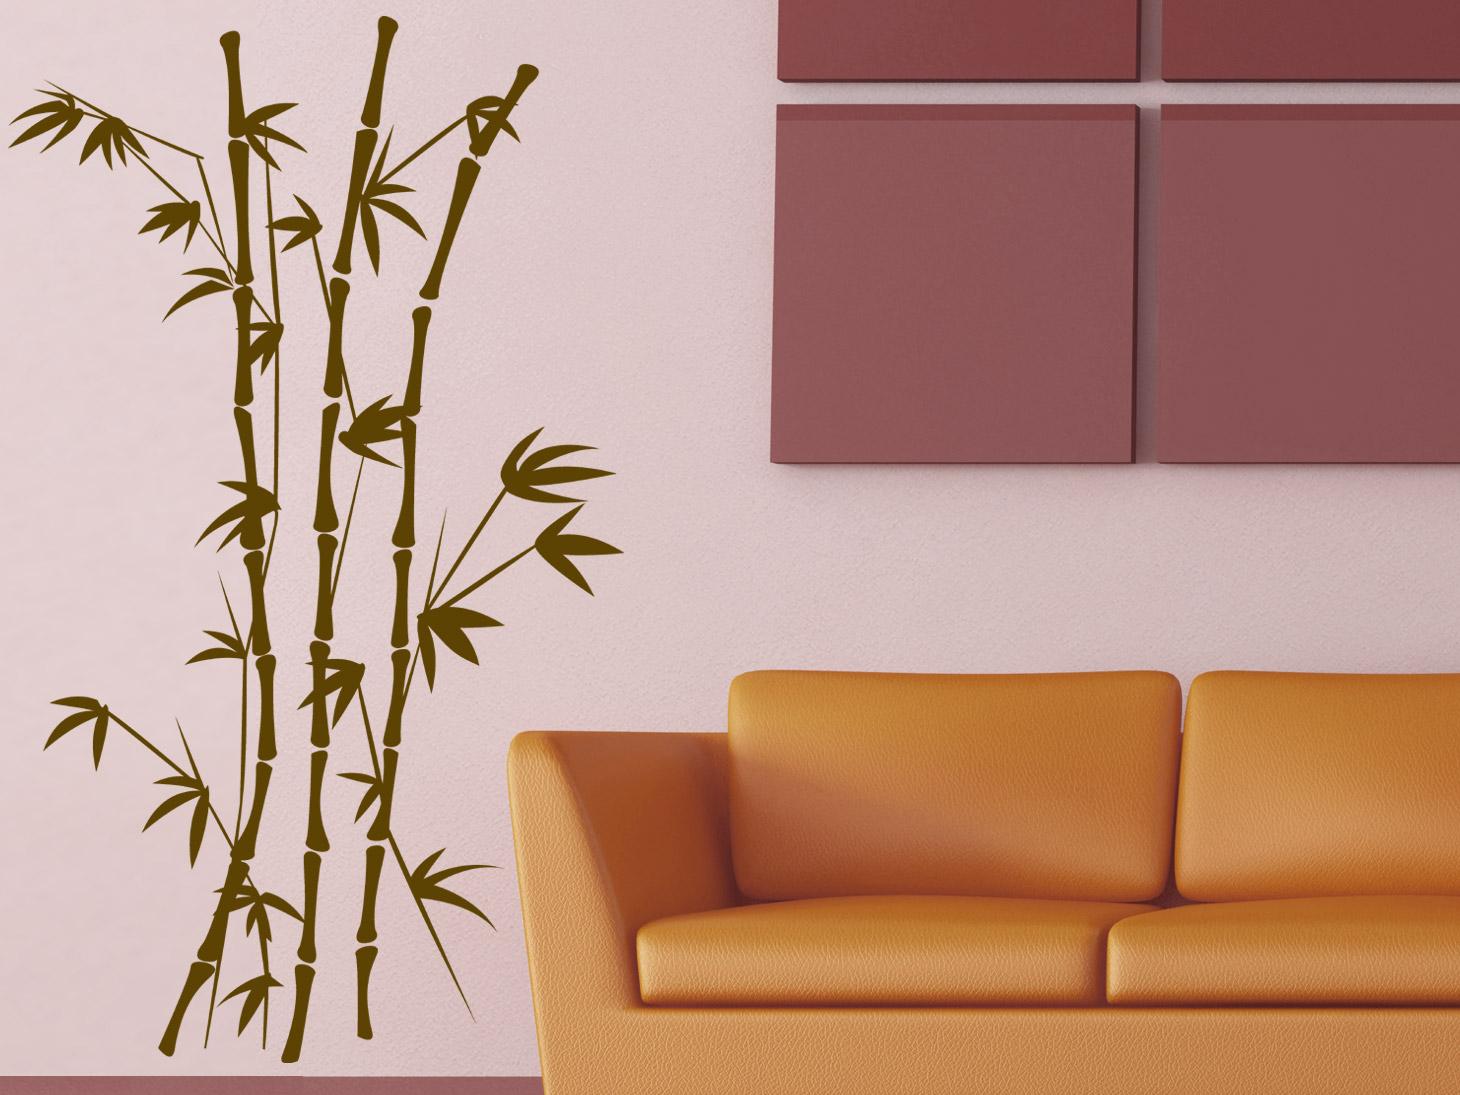 wandtattoo banner schlafzimmer schlafzimmer braunes bett welche wandfarbe schlafsofas sofort. Black Bedroom Furniture Sets. Home Design Ideas